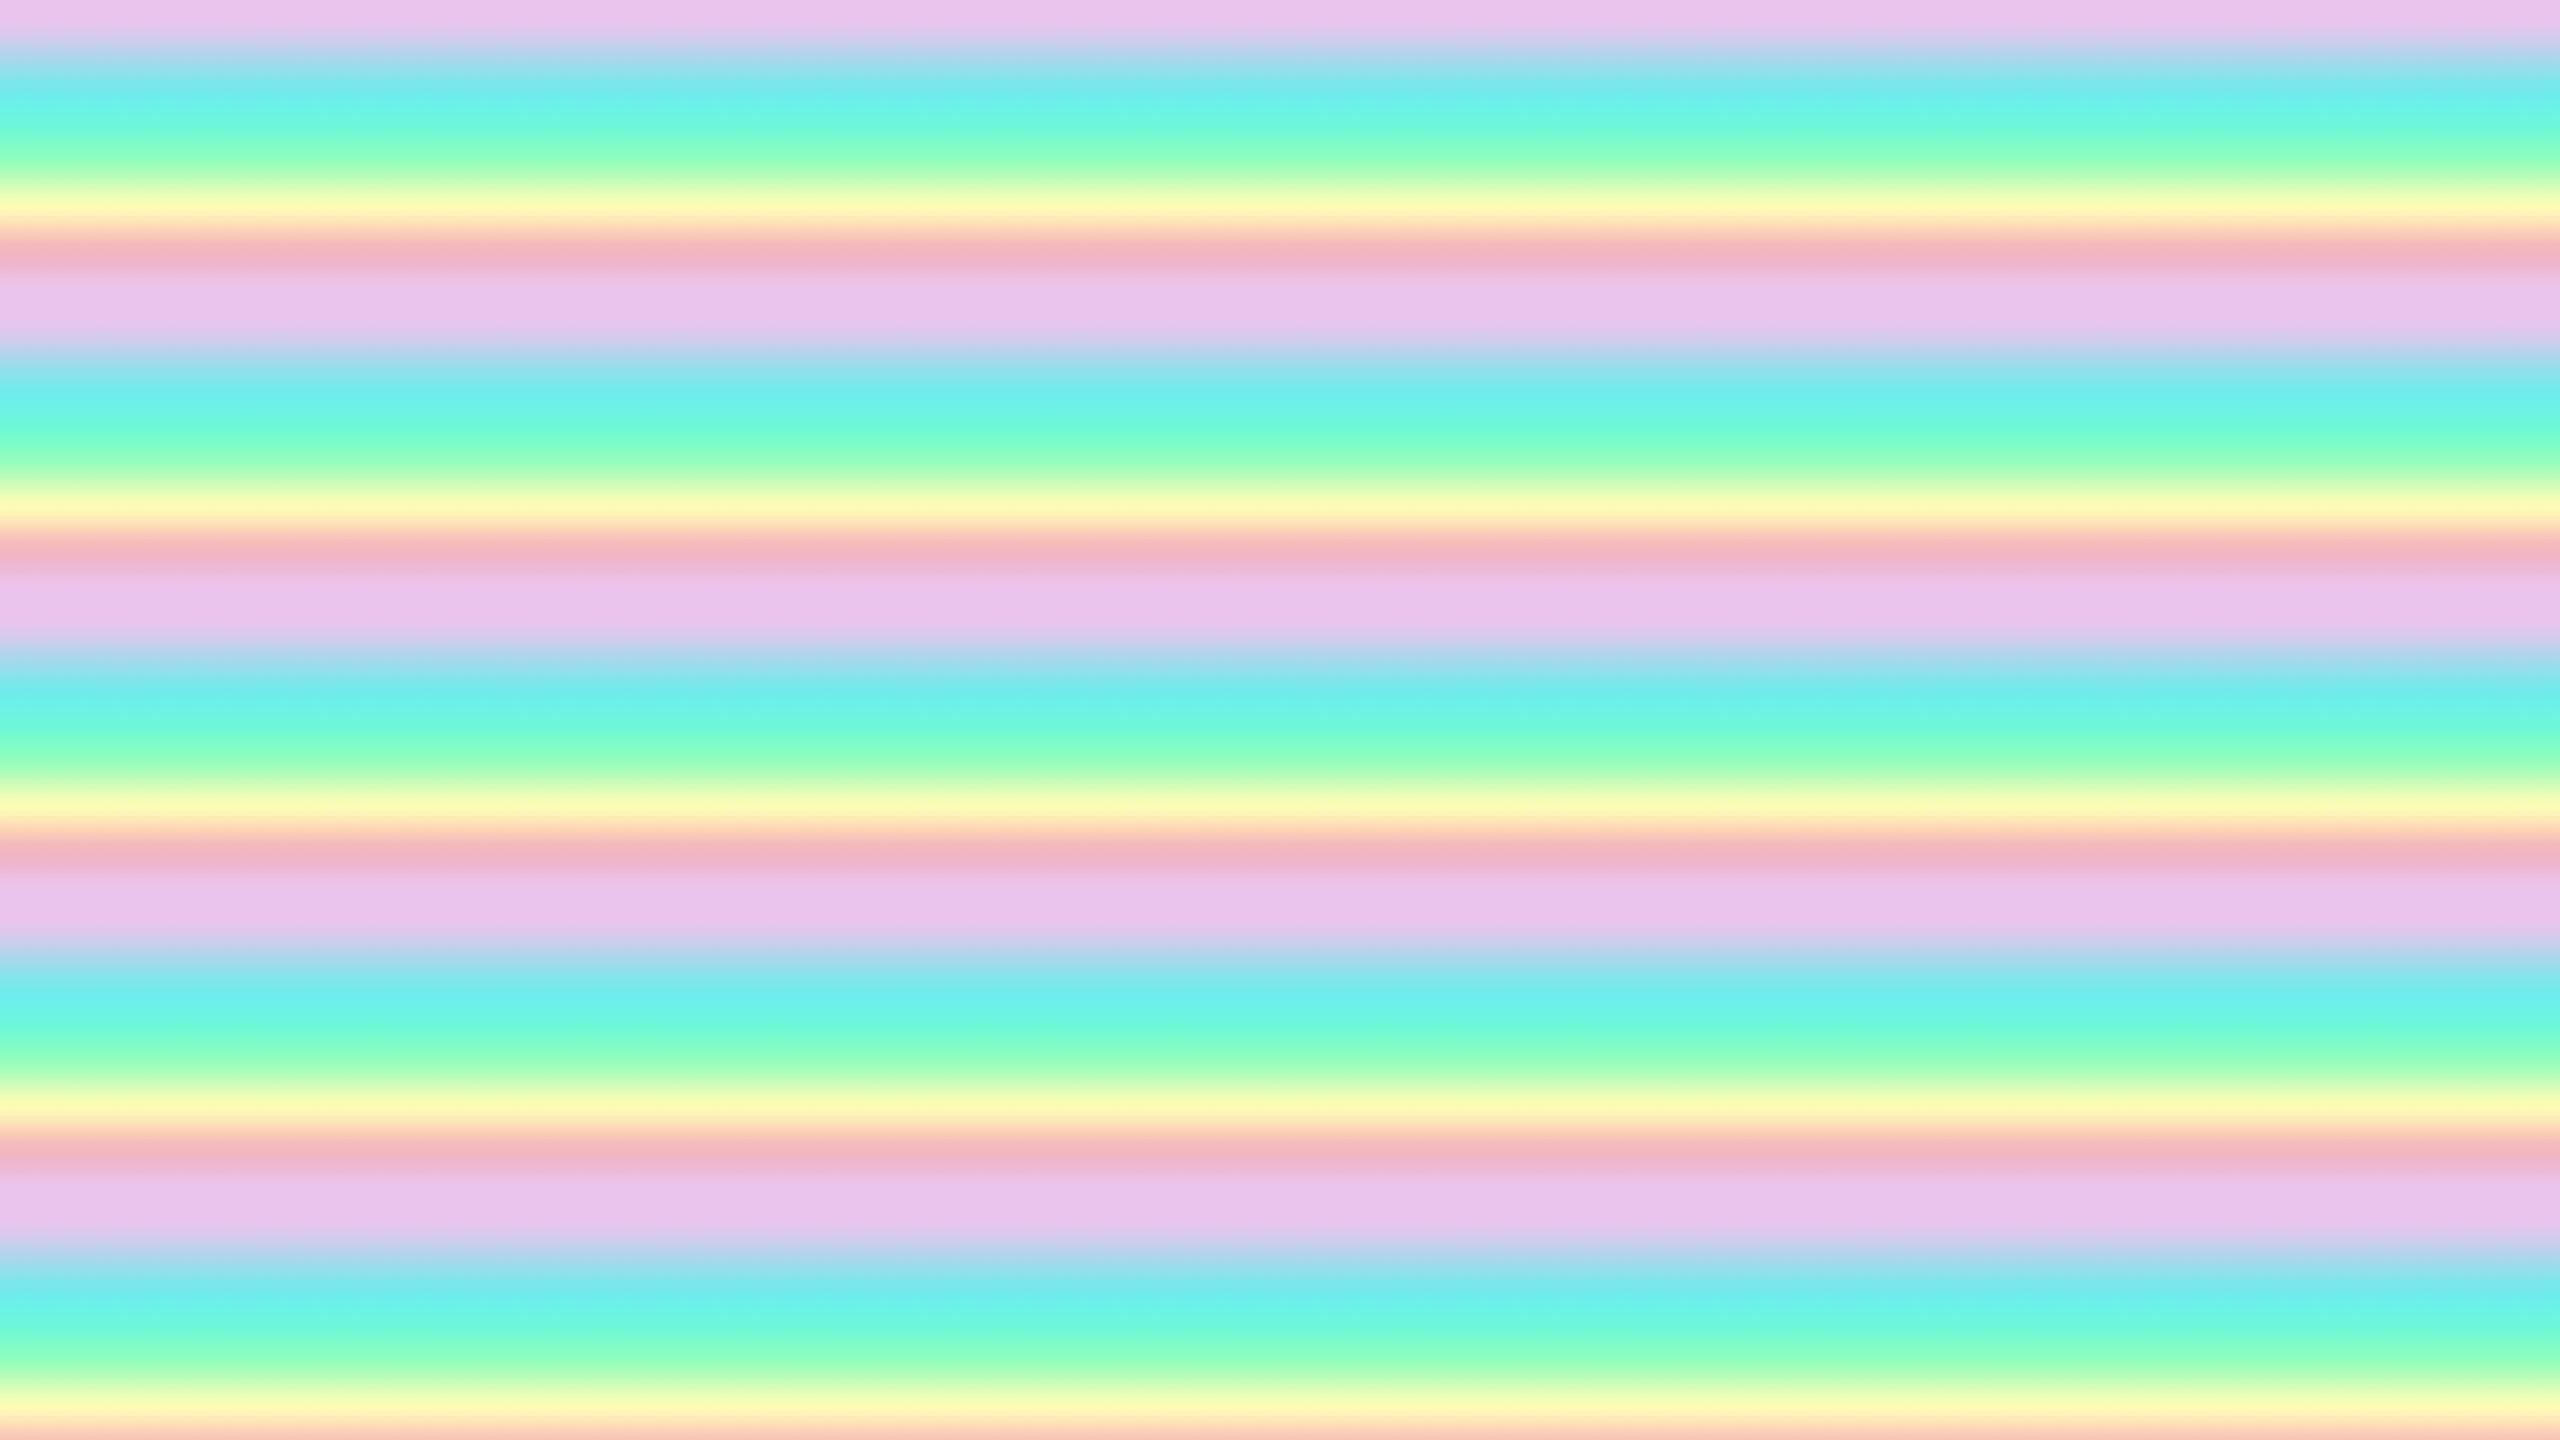 rainbow pastel wallpaper wallpapers desktop 2560x1440 2560x1440